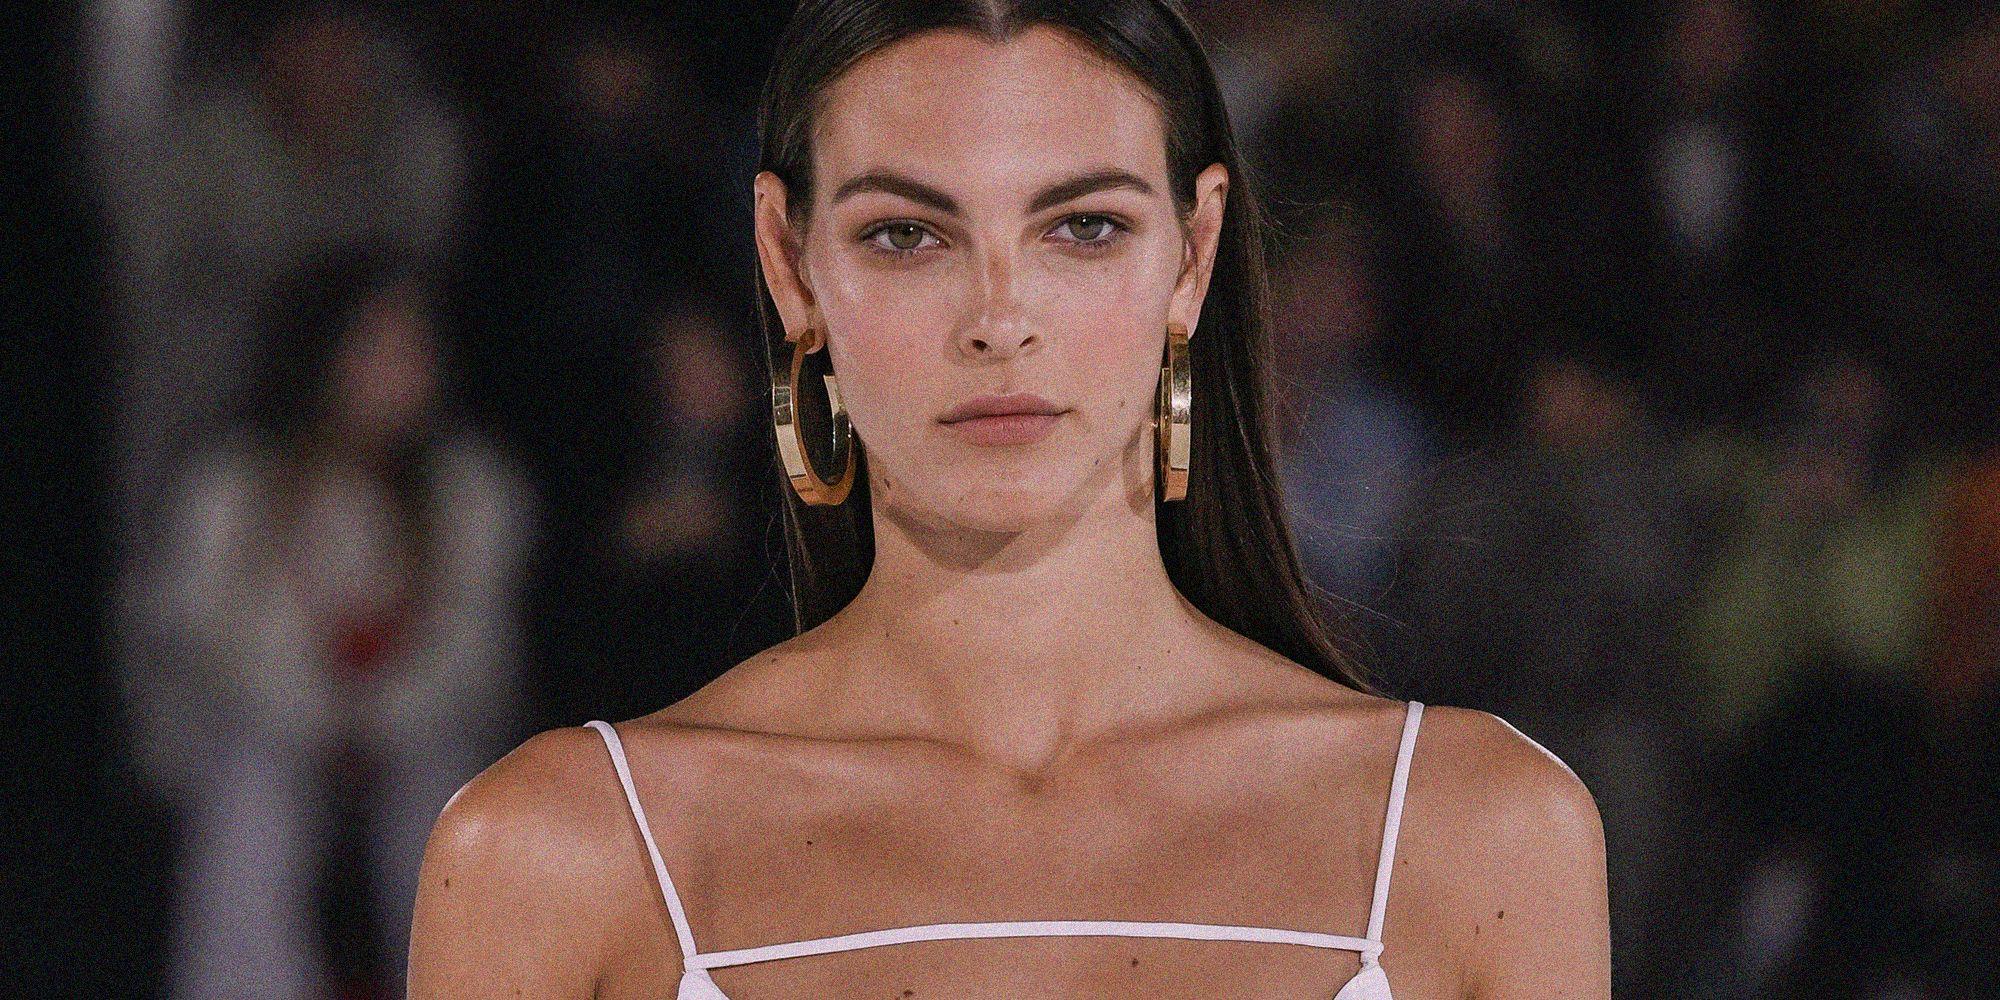 Vittoria Ceretti, chi è la super top model italiana che ha scalzato Naomi Campbell